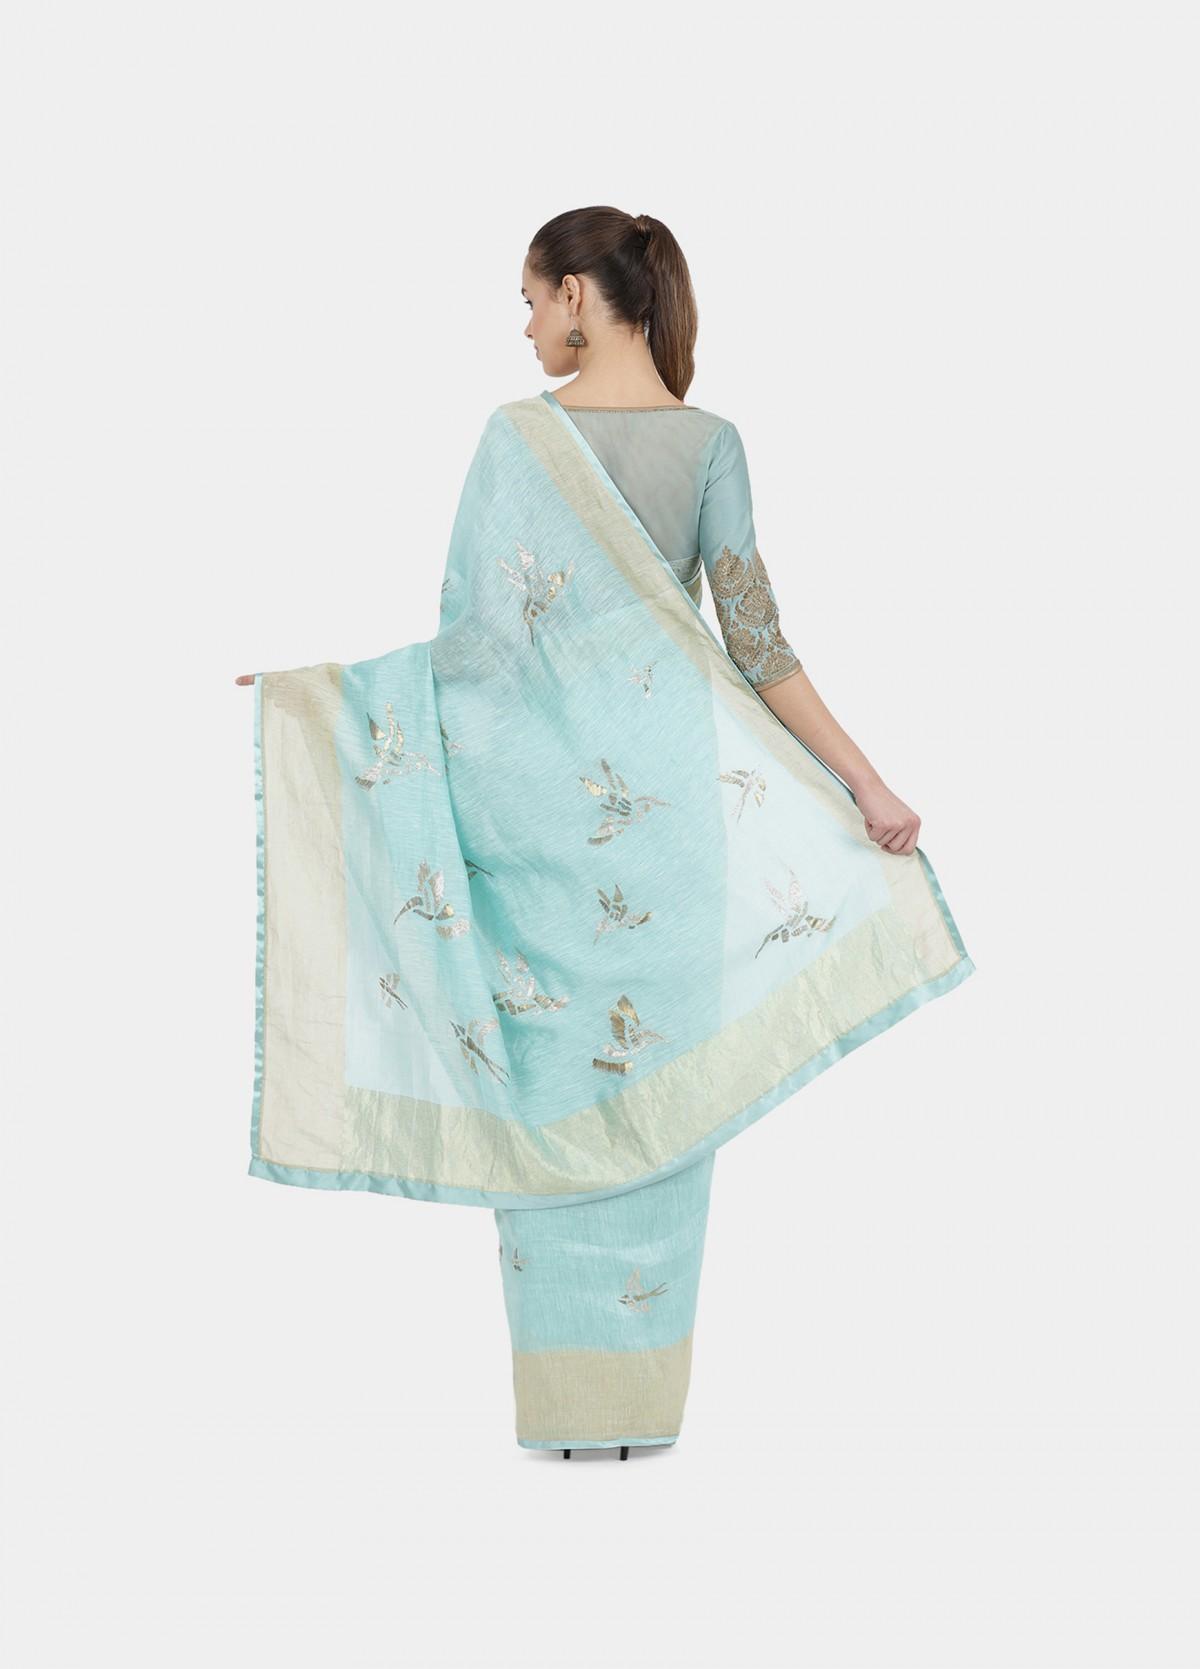 The Humming Birds Sari